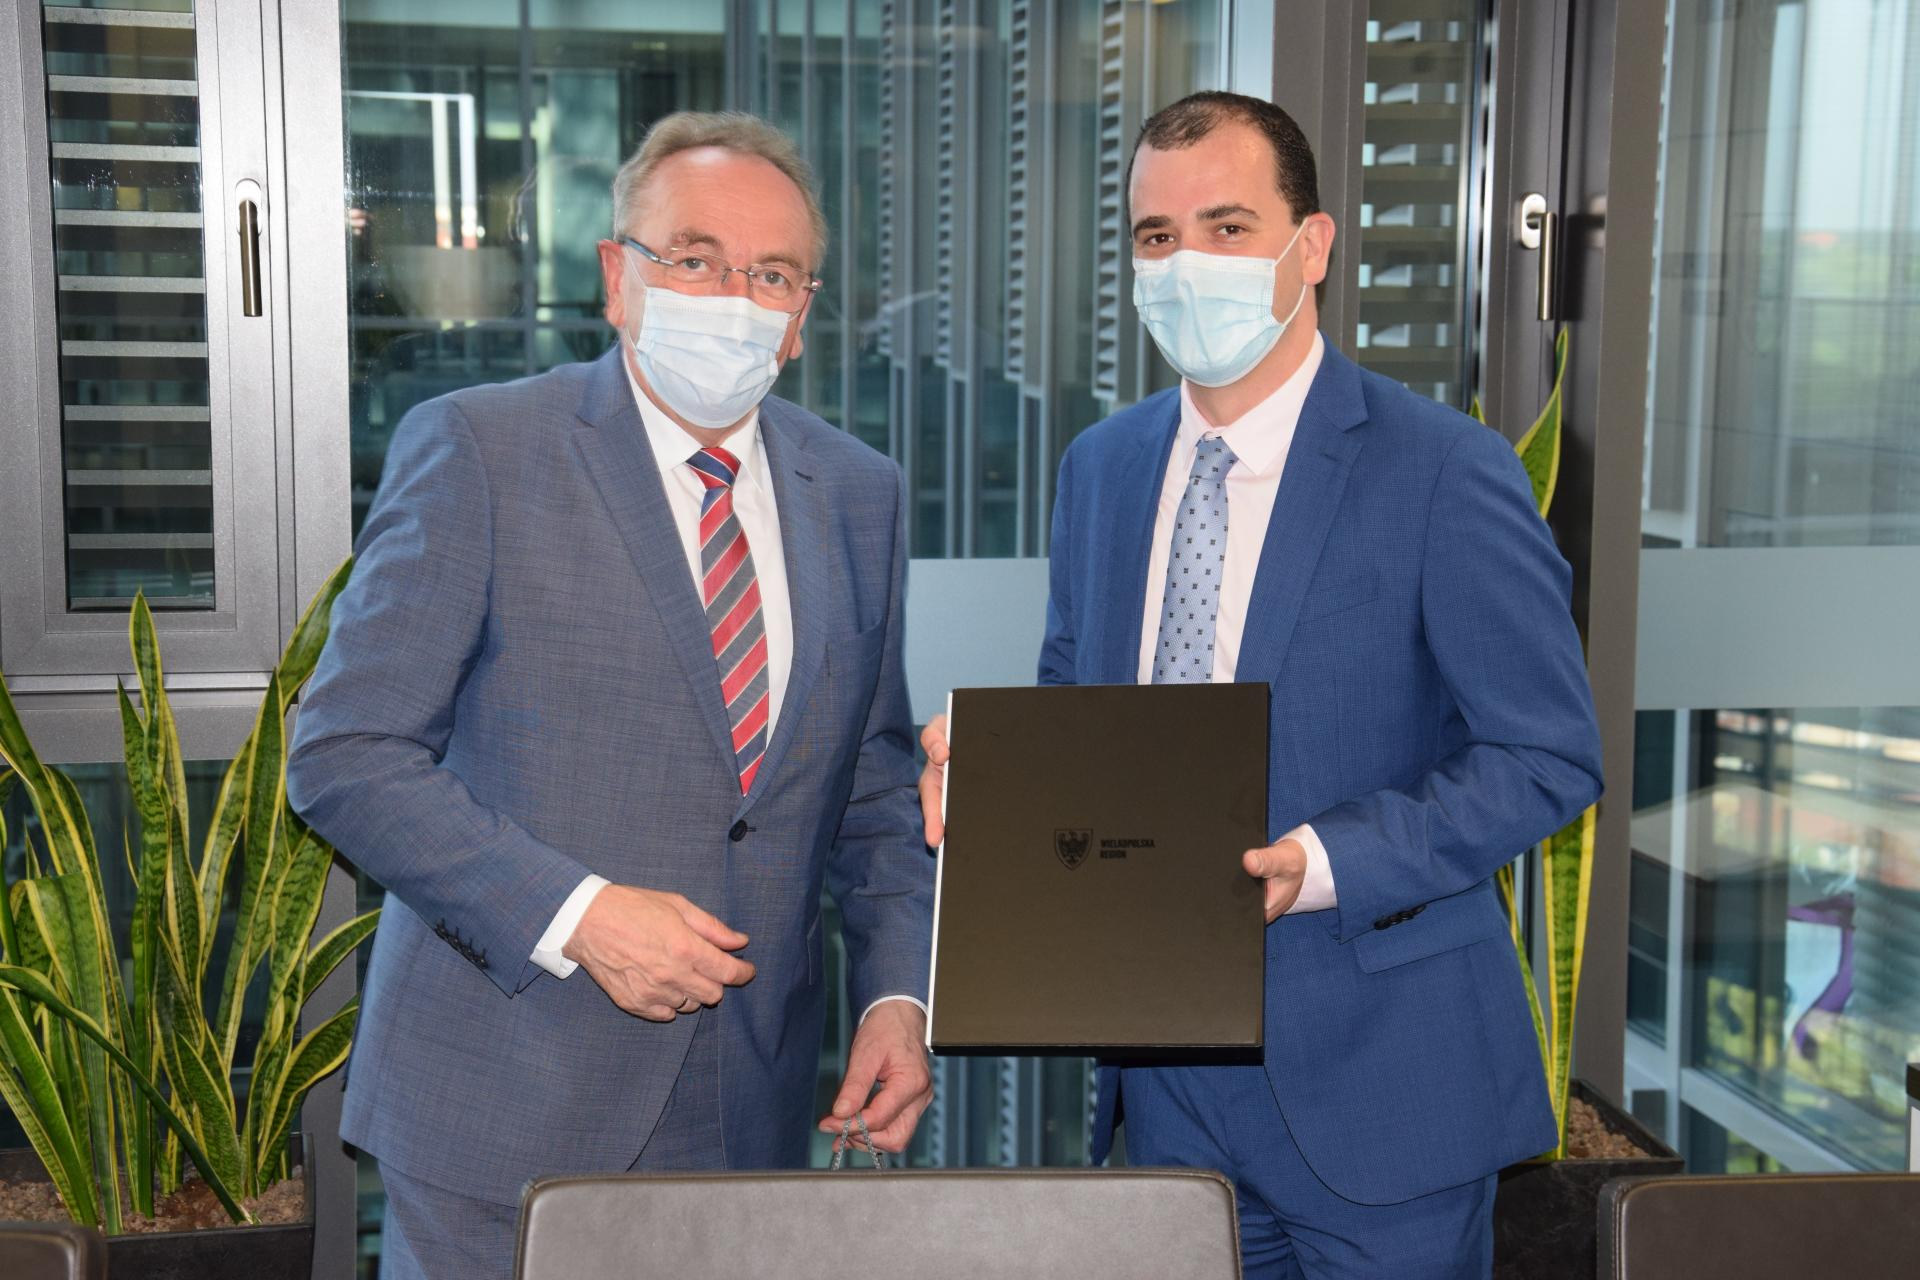 Nowy przedstawiciel rządu Flandrii z pierwszą wizytą w Wielkopolsce - zobacz więcej